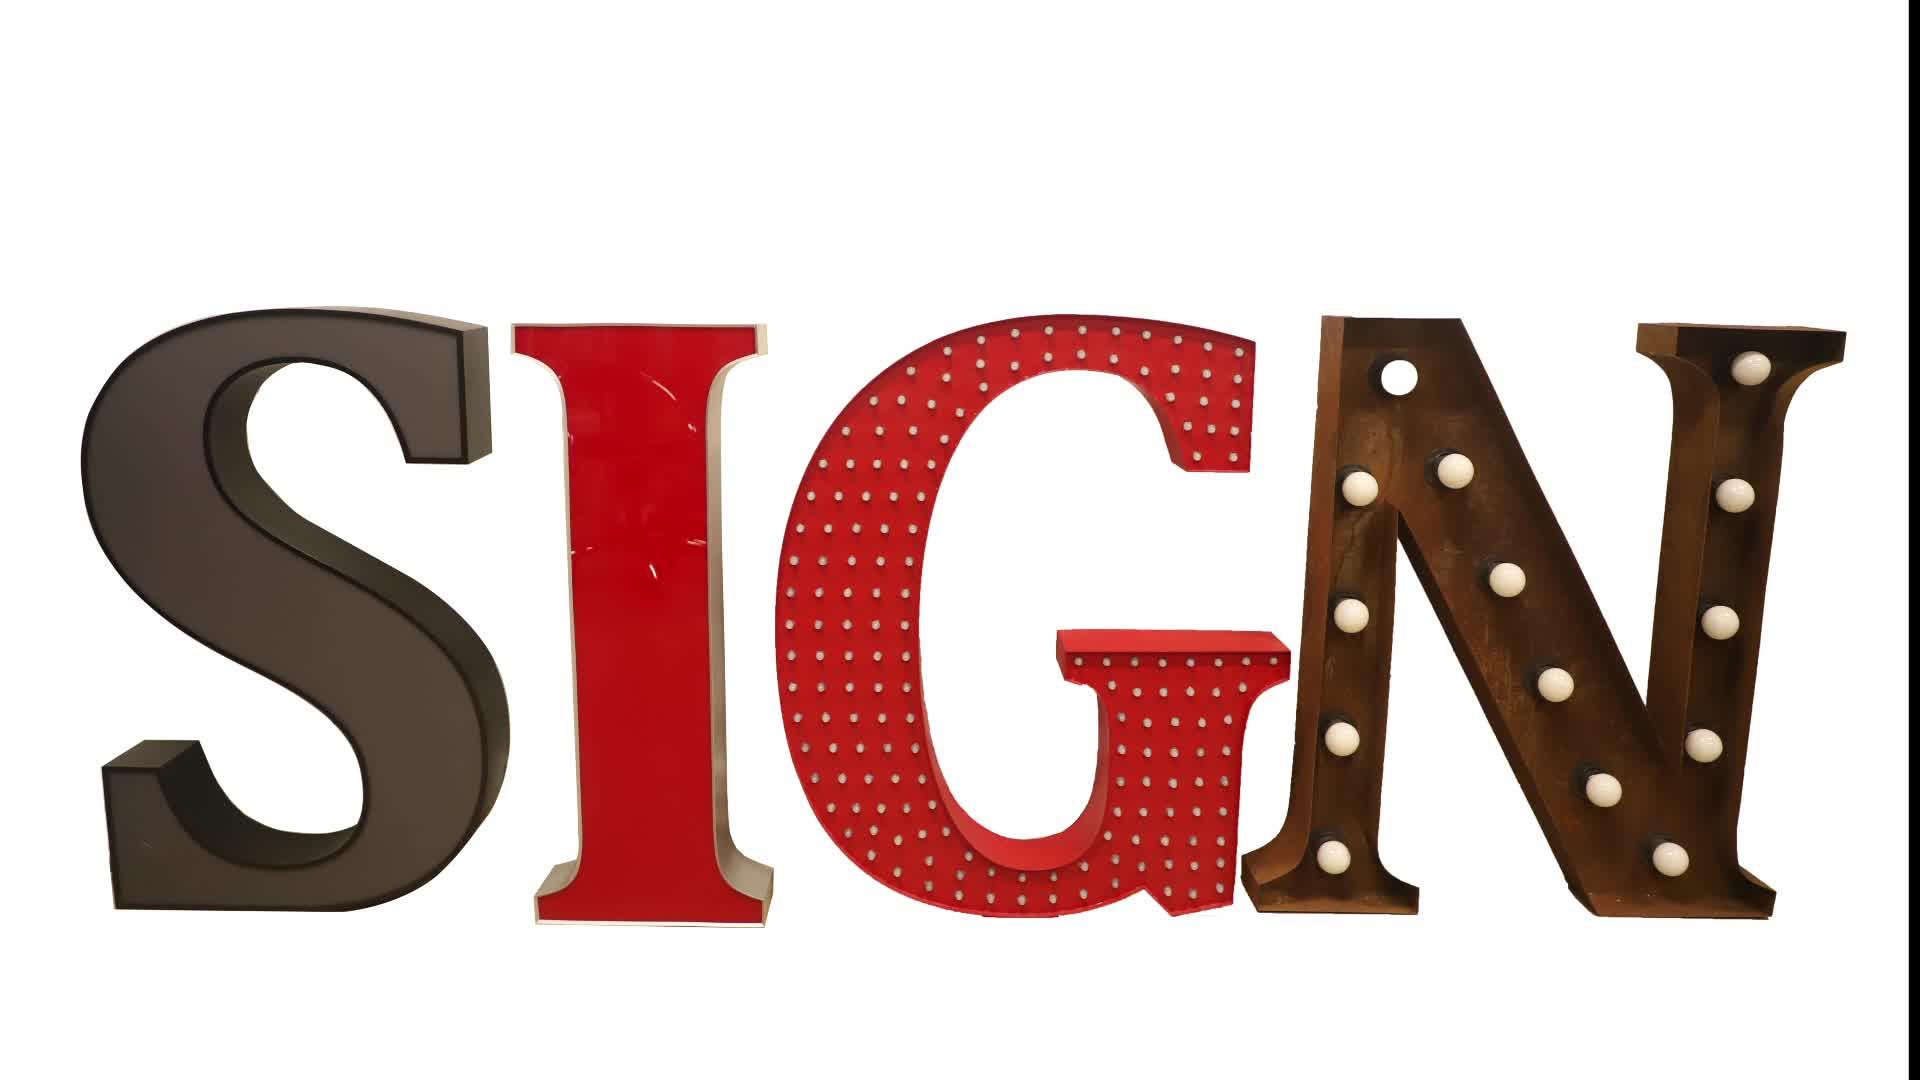 Di alta qualità pubblicità plug led lettera segno/led luci lettere